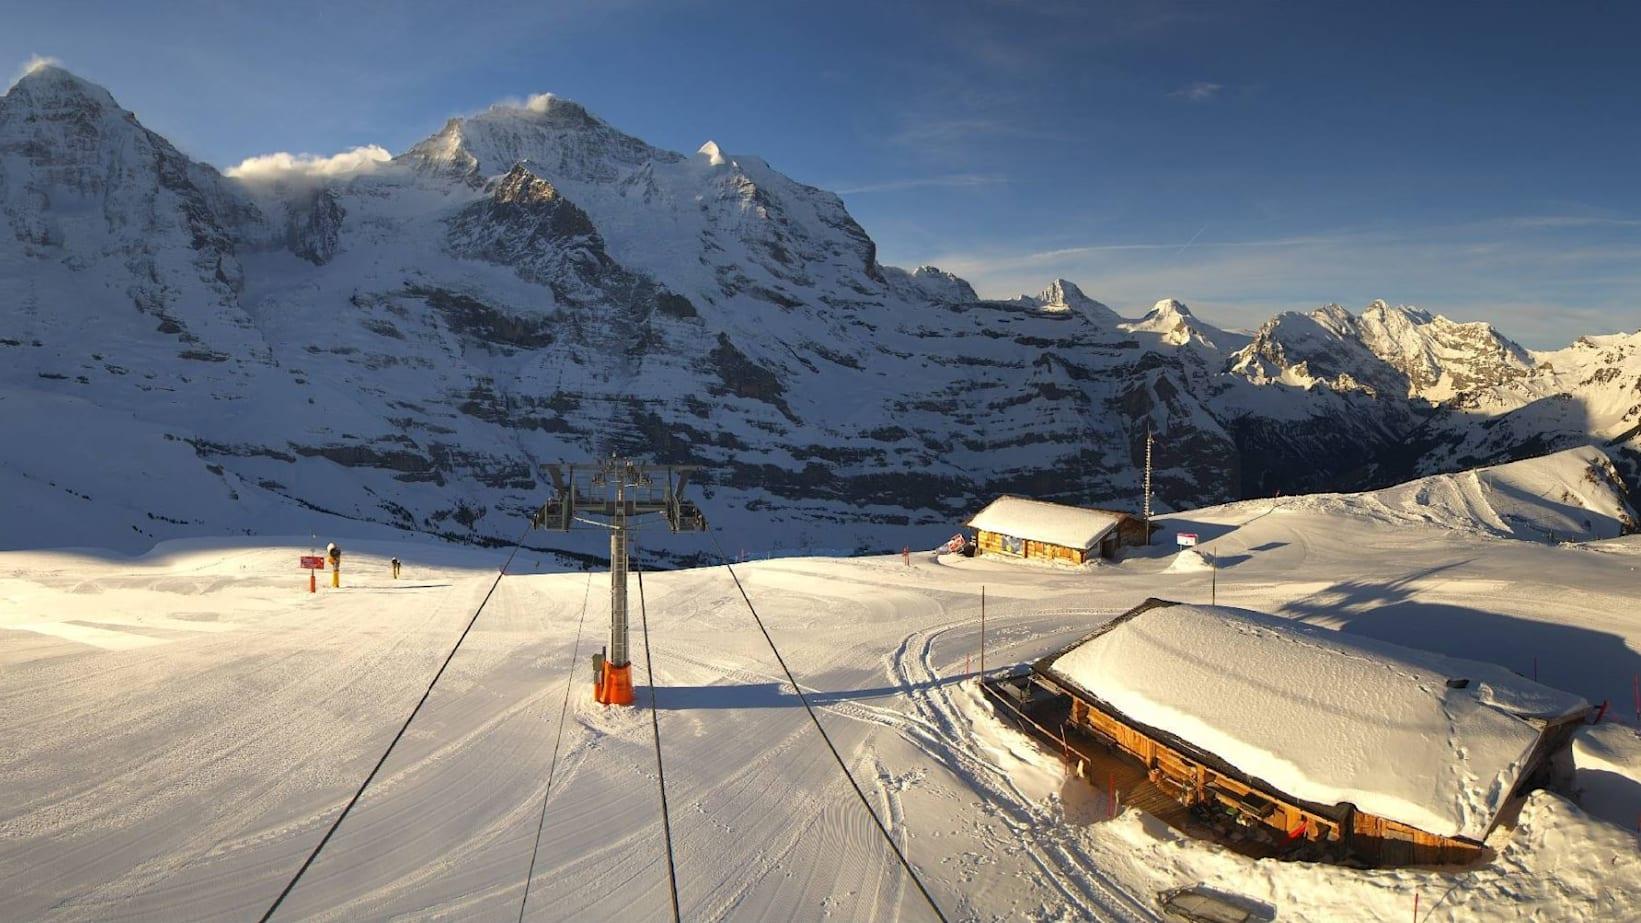 Jungfrau ski region kleine scheidegg wixi lauberhorn